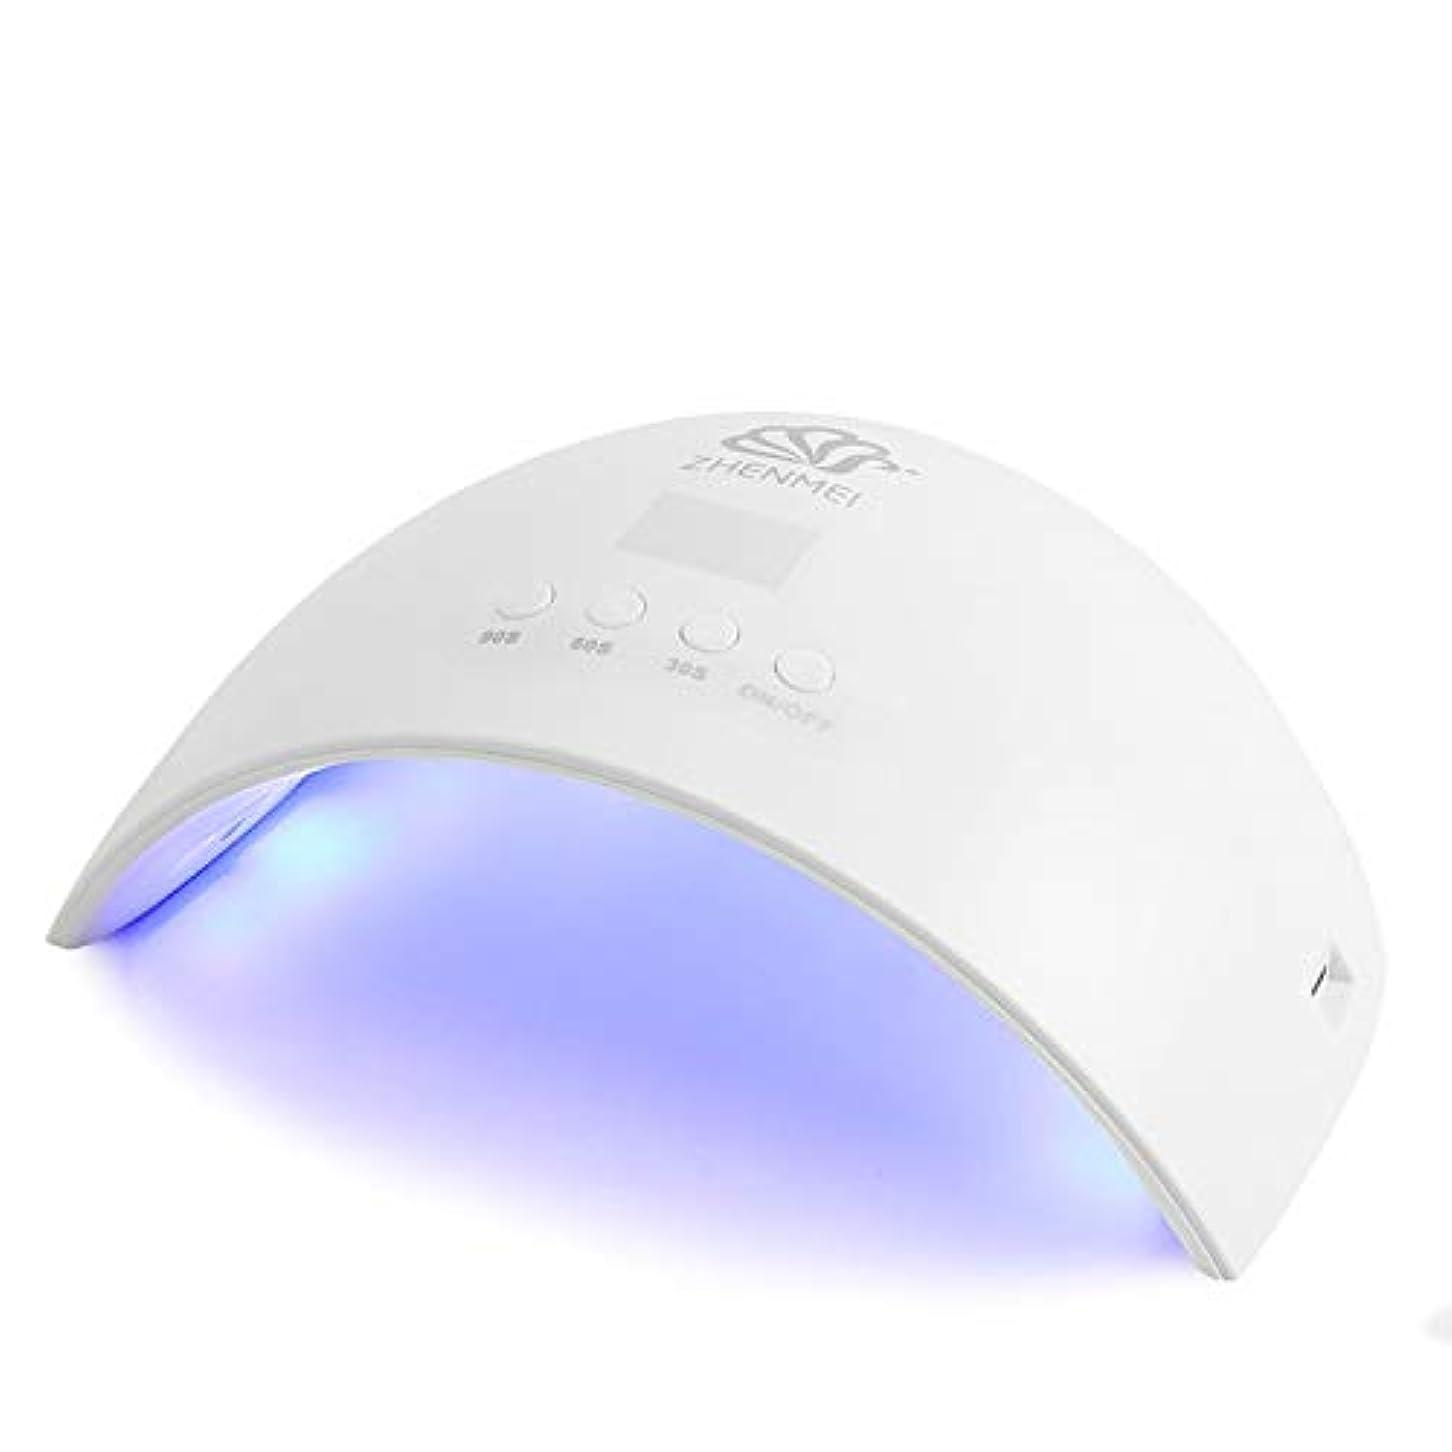 有害な四回インフレーションLEDインジケータ24W 12デュアル光源UV + LED、自動検知、4タイマー設定30/60 / 90S / 99S、プロネイルライトUV LEDネイルライト家庭用ネイル/プロ用